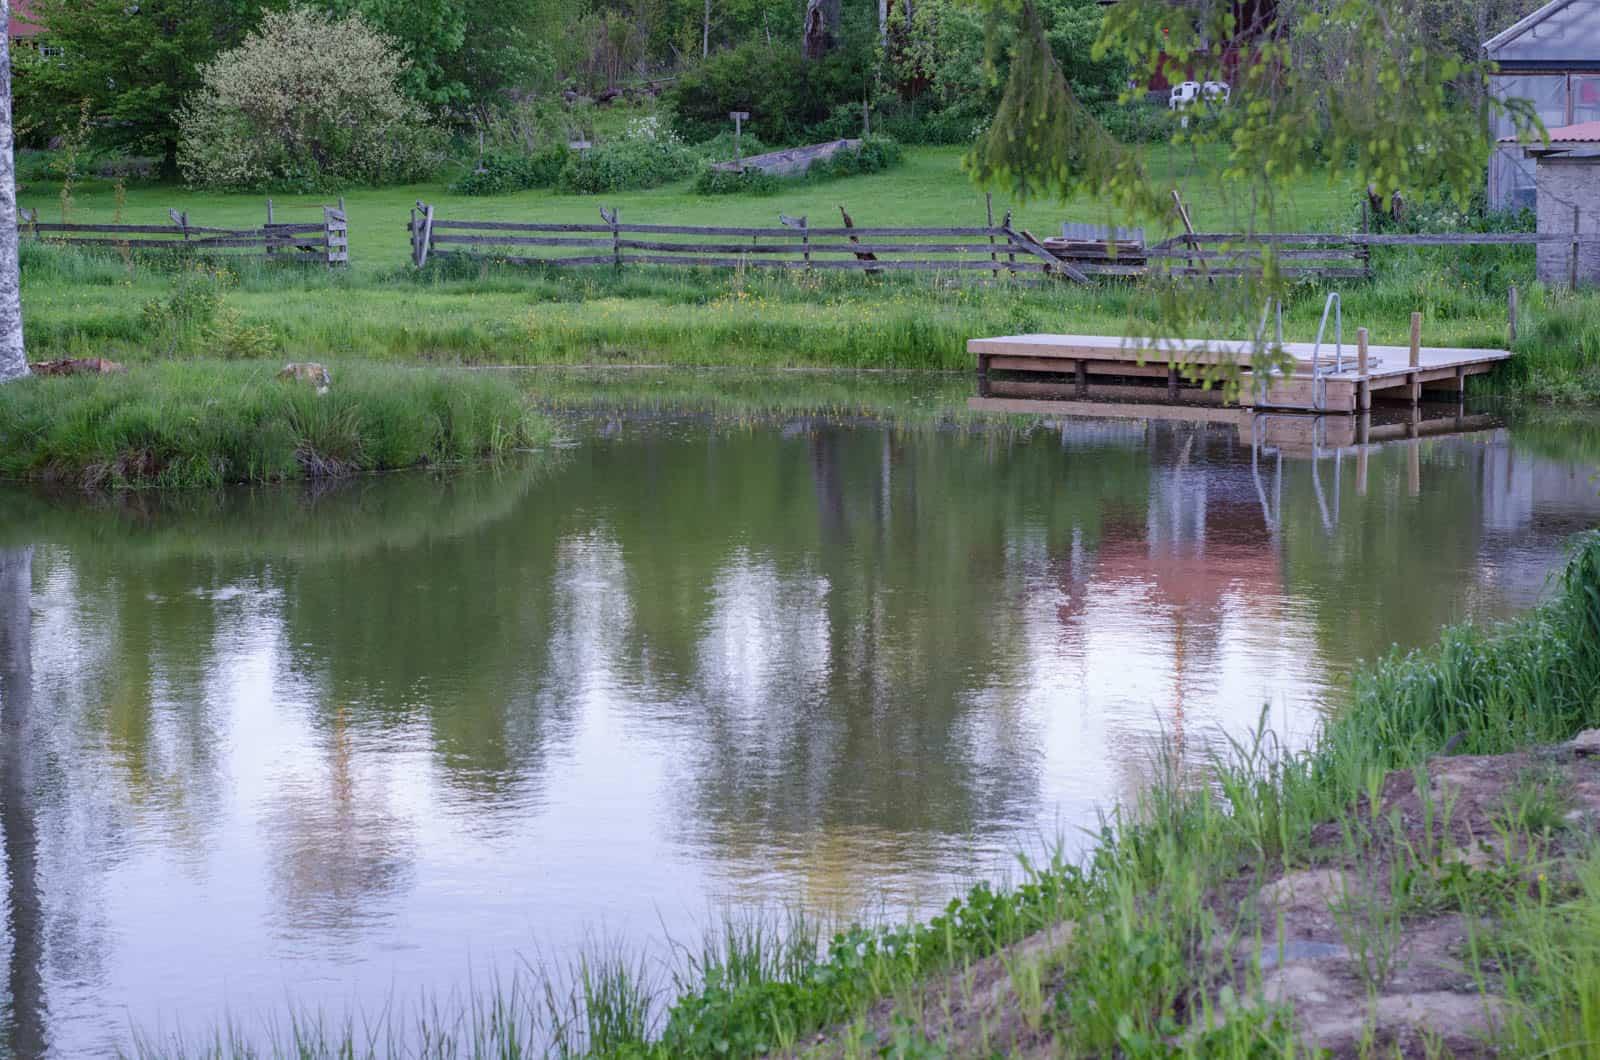 Min kräftodling. Dammen grävdes 2013 och två år senare planterade jag tvåhundra flodkräftor. Det hade inte hänt om jag trott på WWF:s rekommendationer.